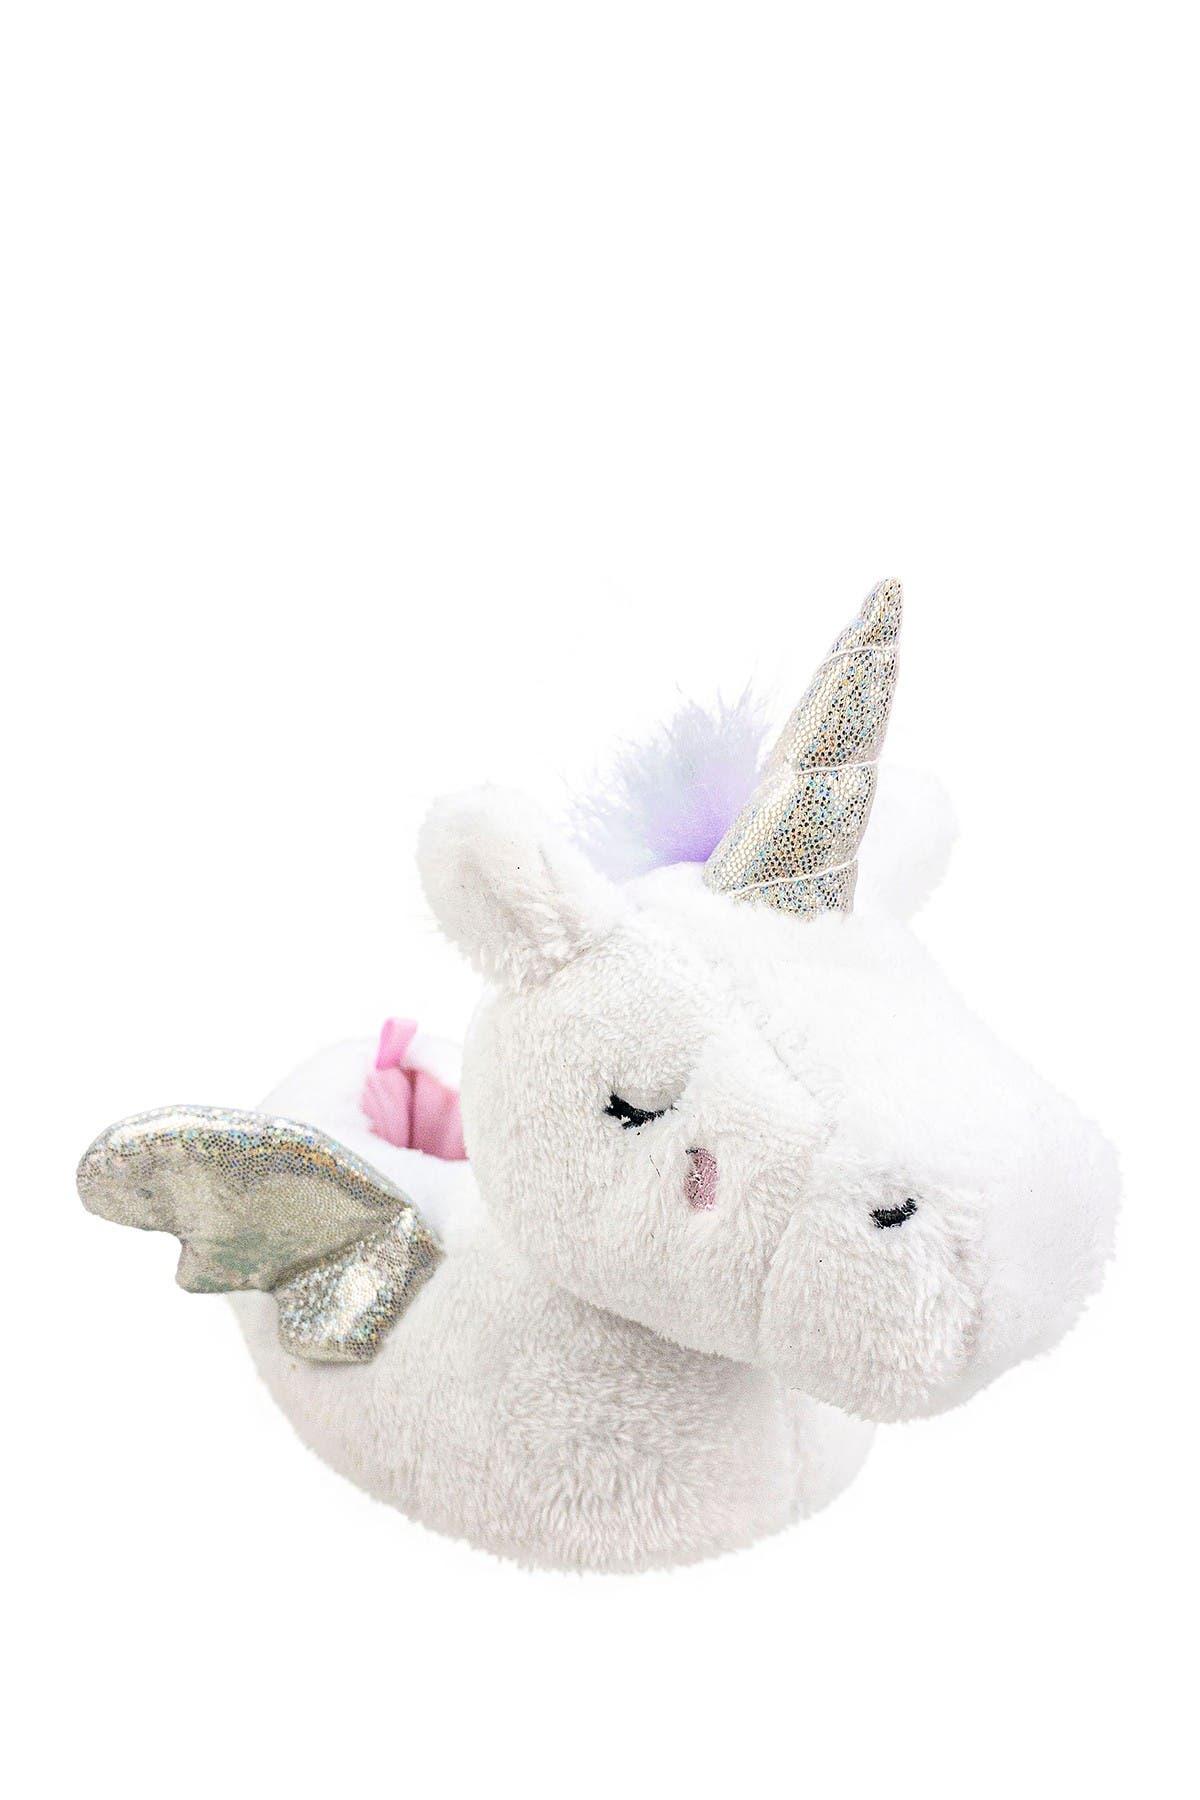 SG Footwear Unicorn Plush Slipper